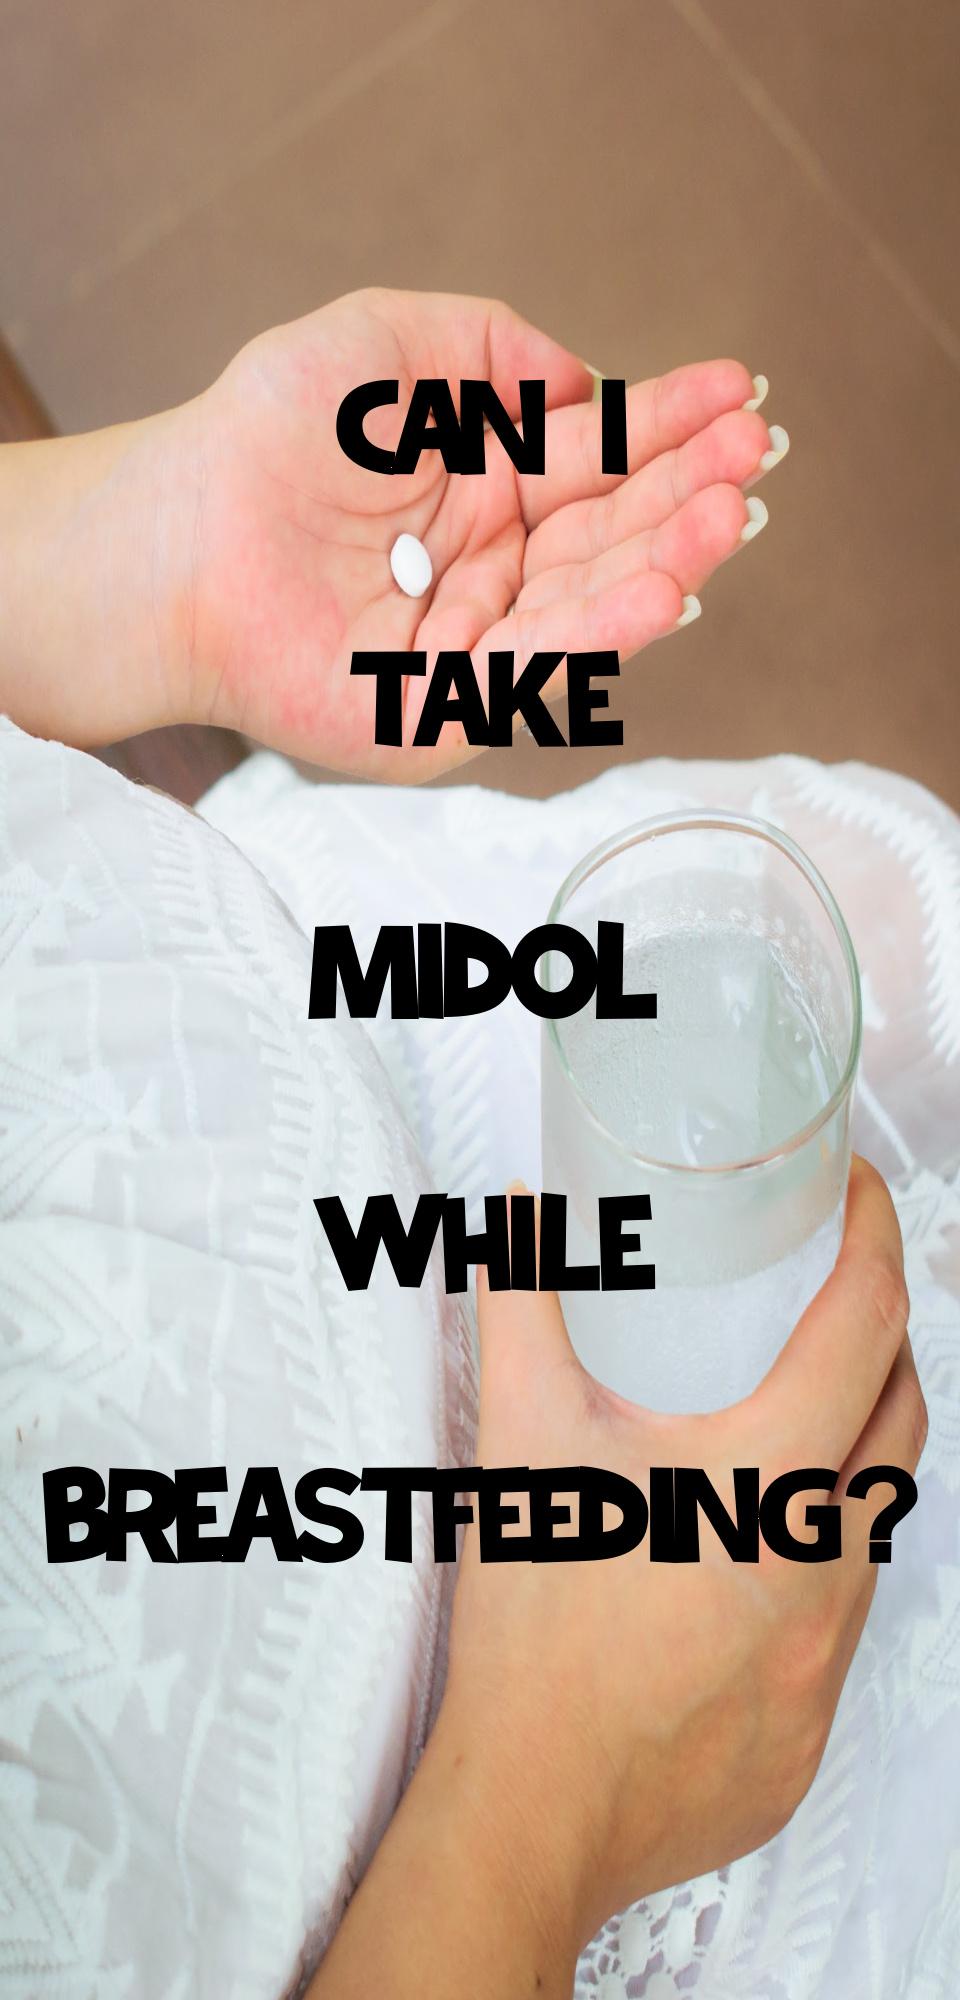 Can I Take Midol While Breastfeeding?